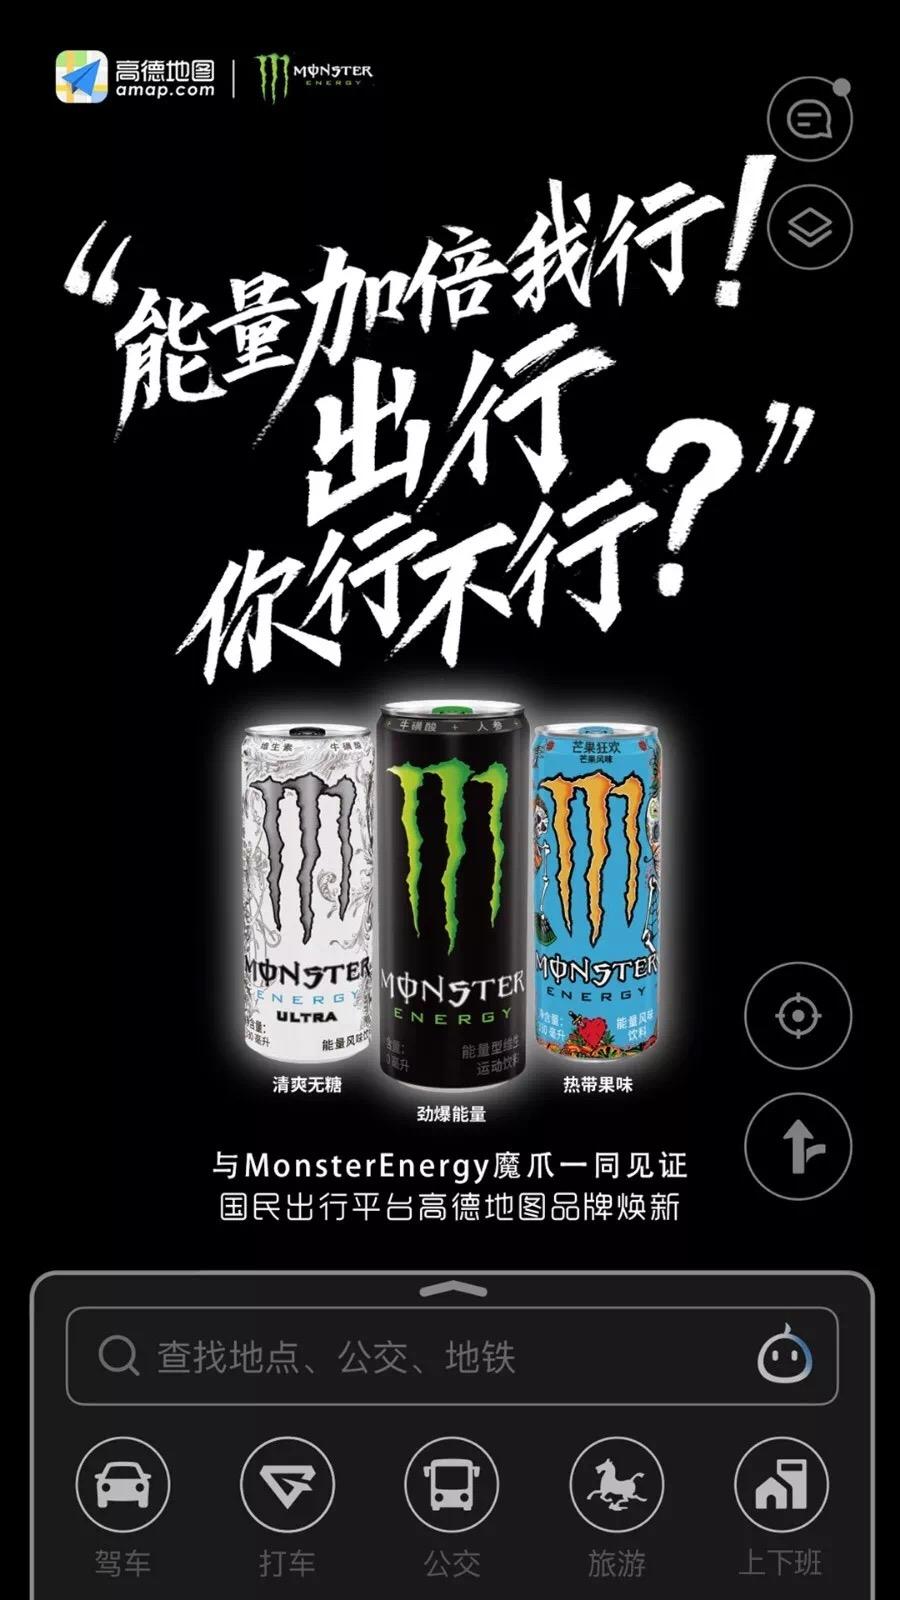 高德地图MonsterEnergy联合海报